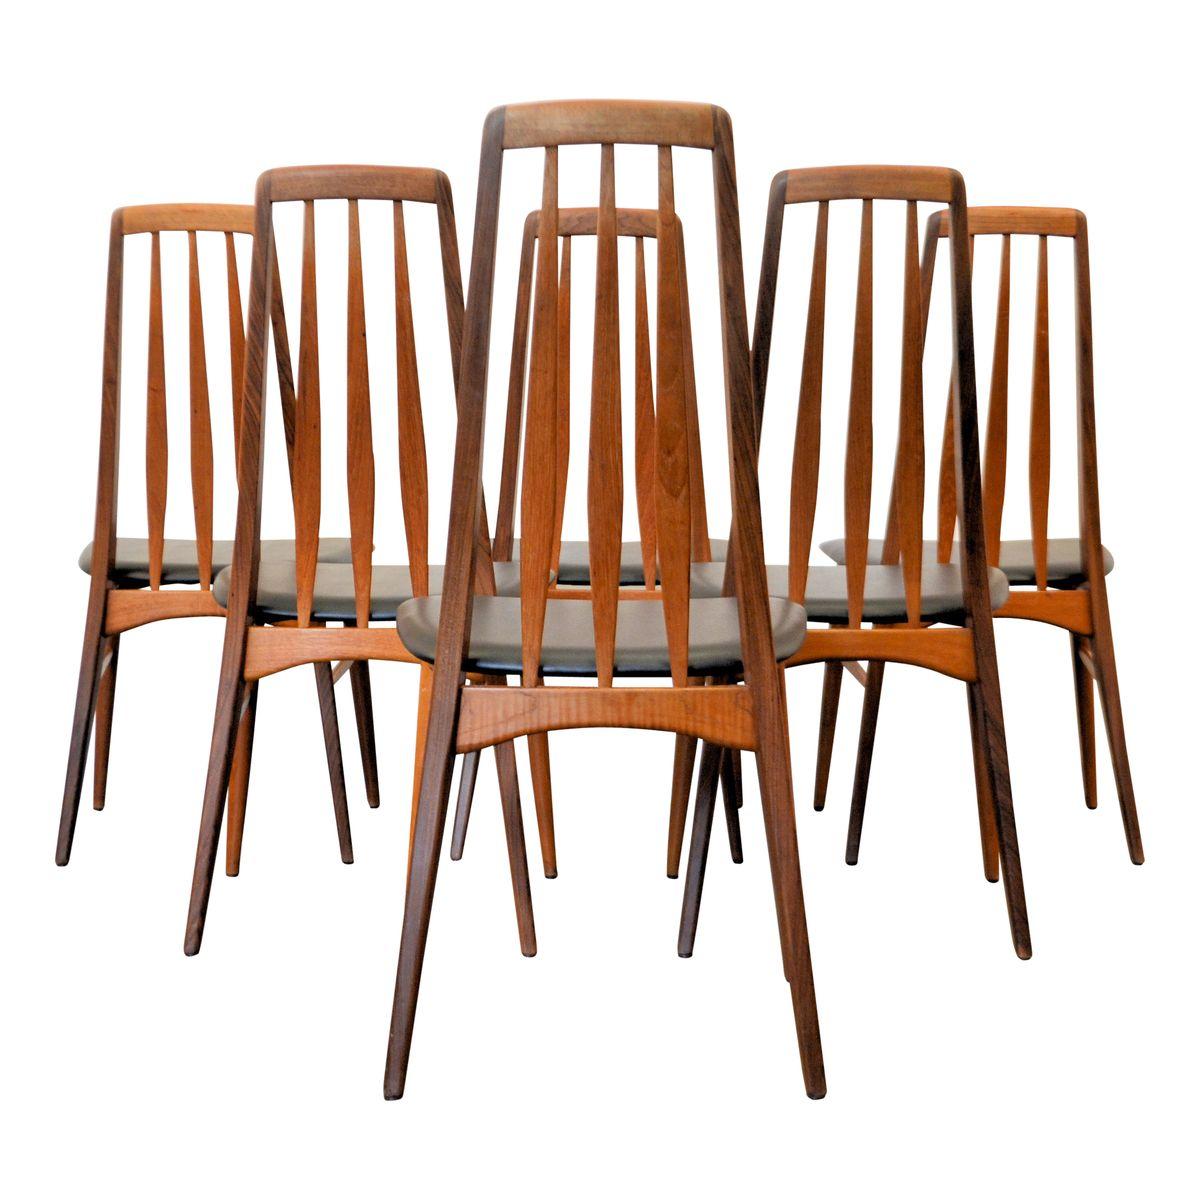 Chaises de salle manger eva par niels koefoed pour for Set de salle a manger